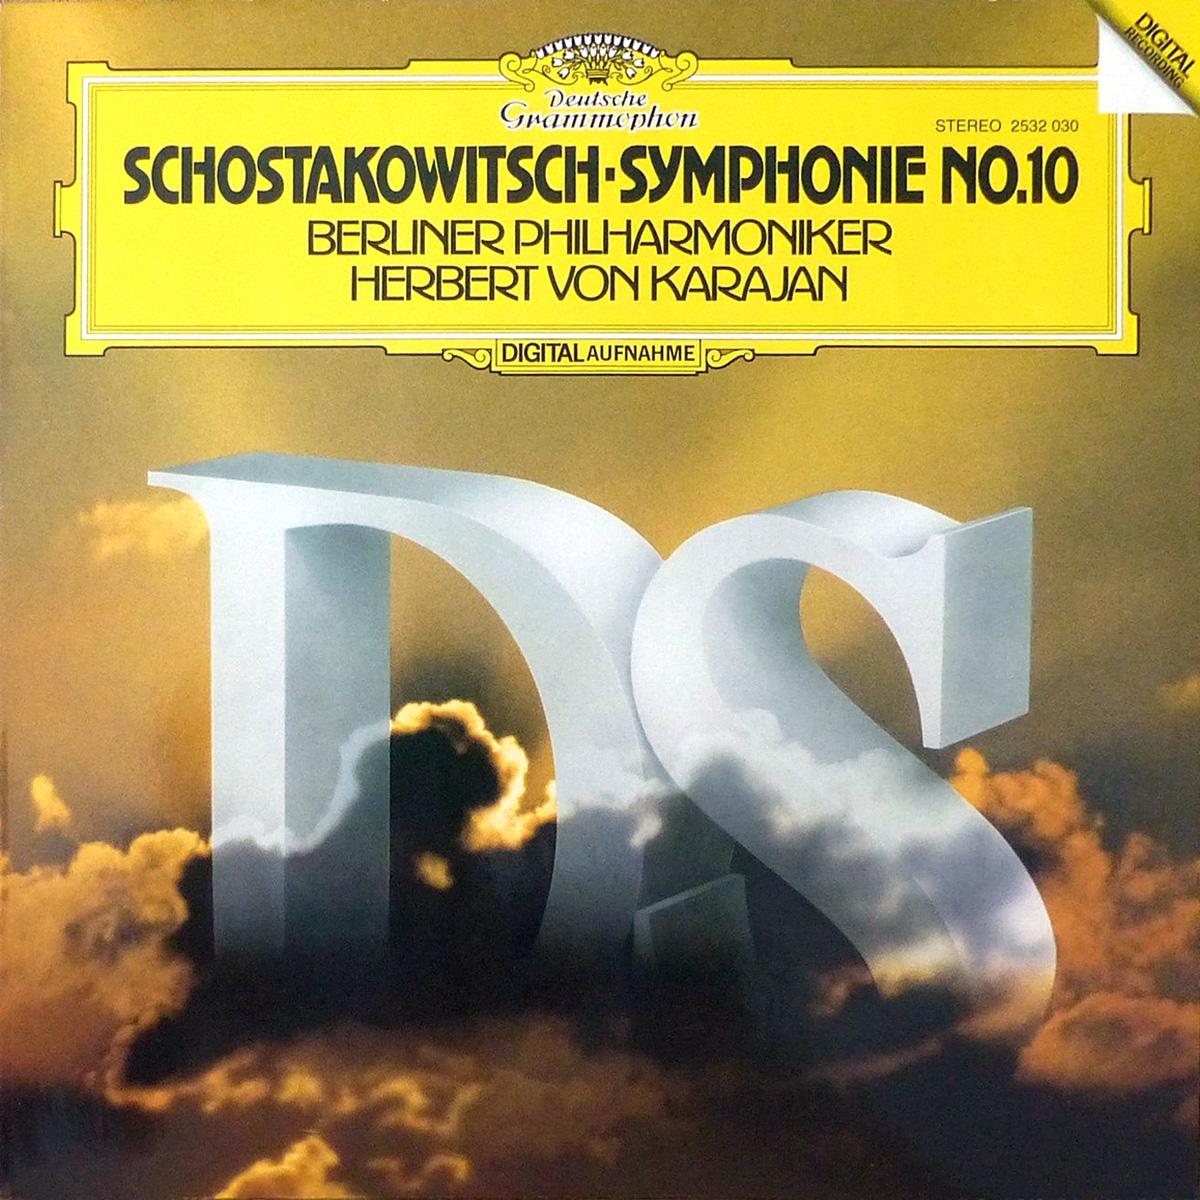 DGG 2532030 Shostakovitch Symphonie 10 Karajan